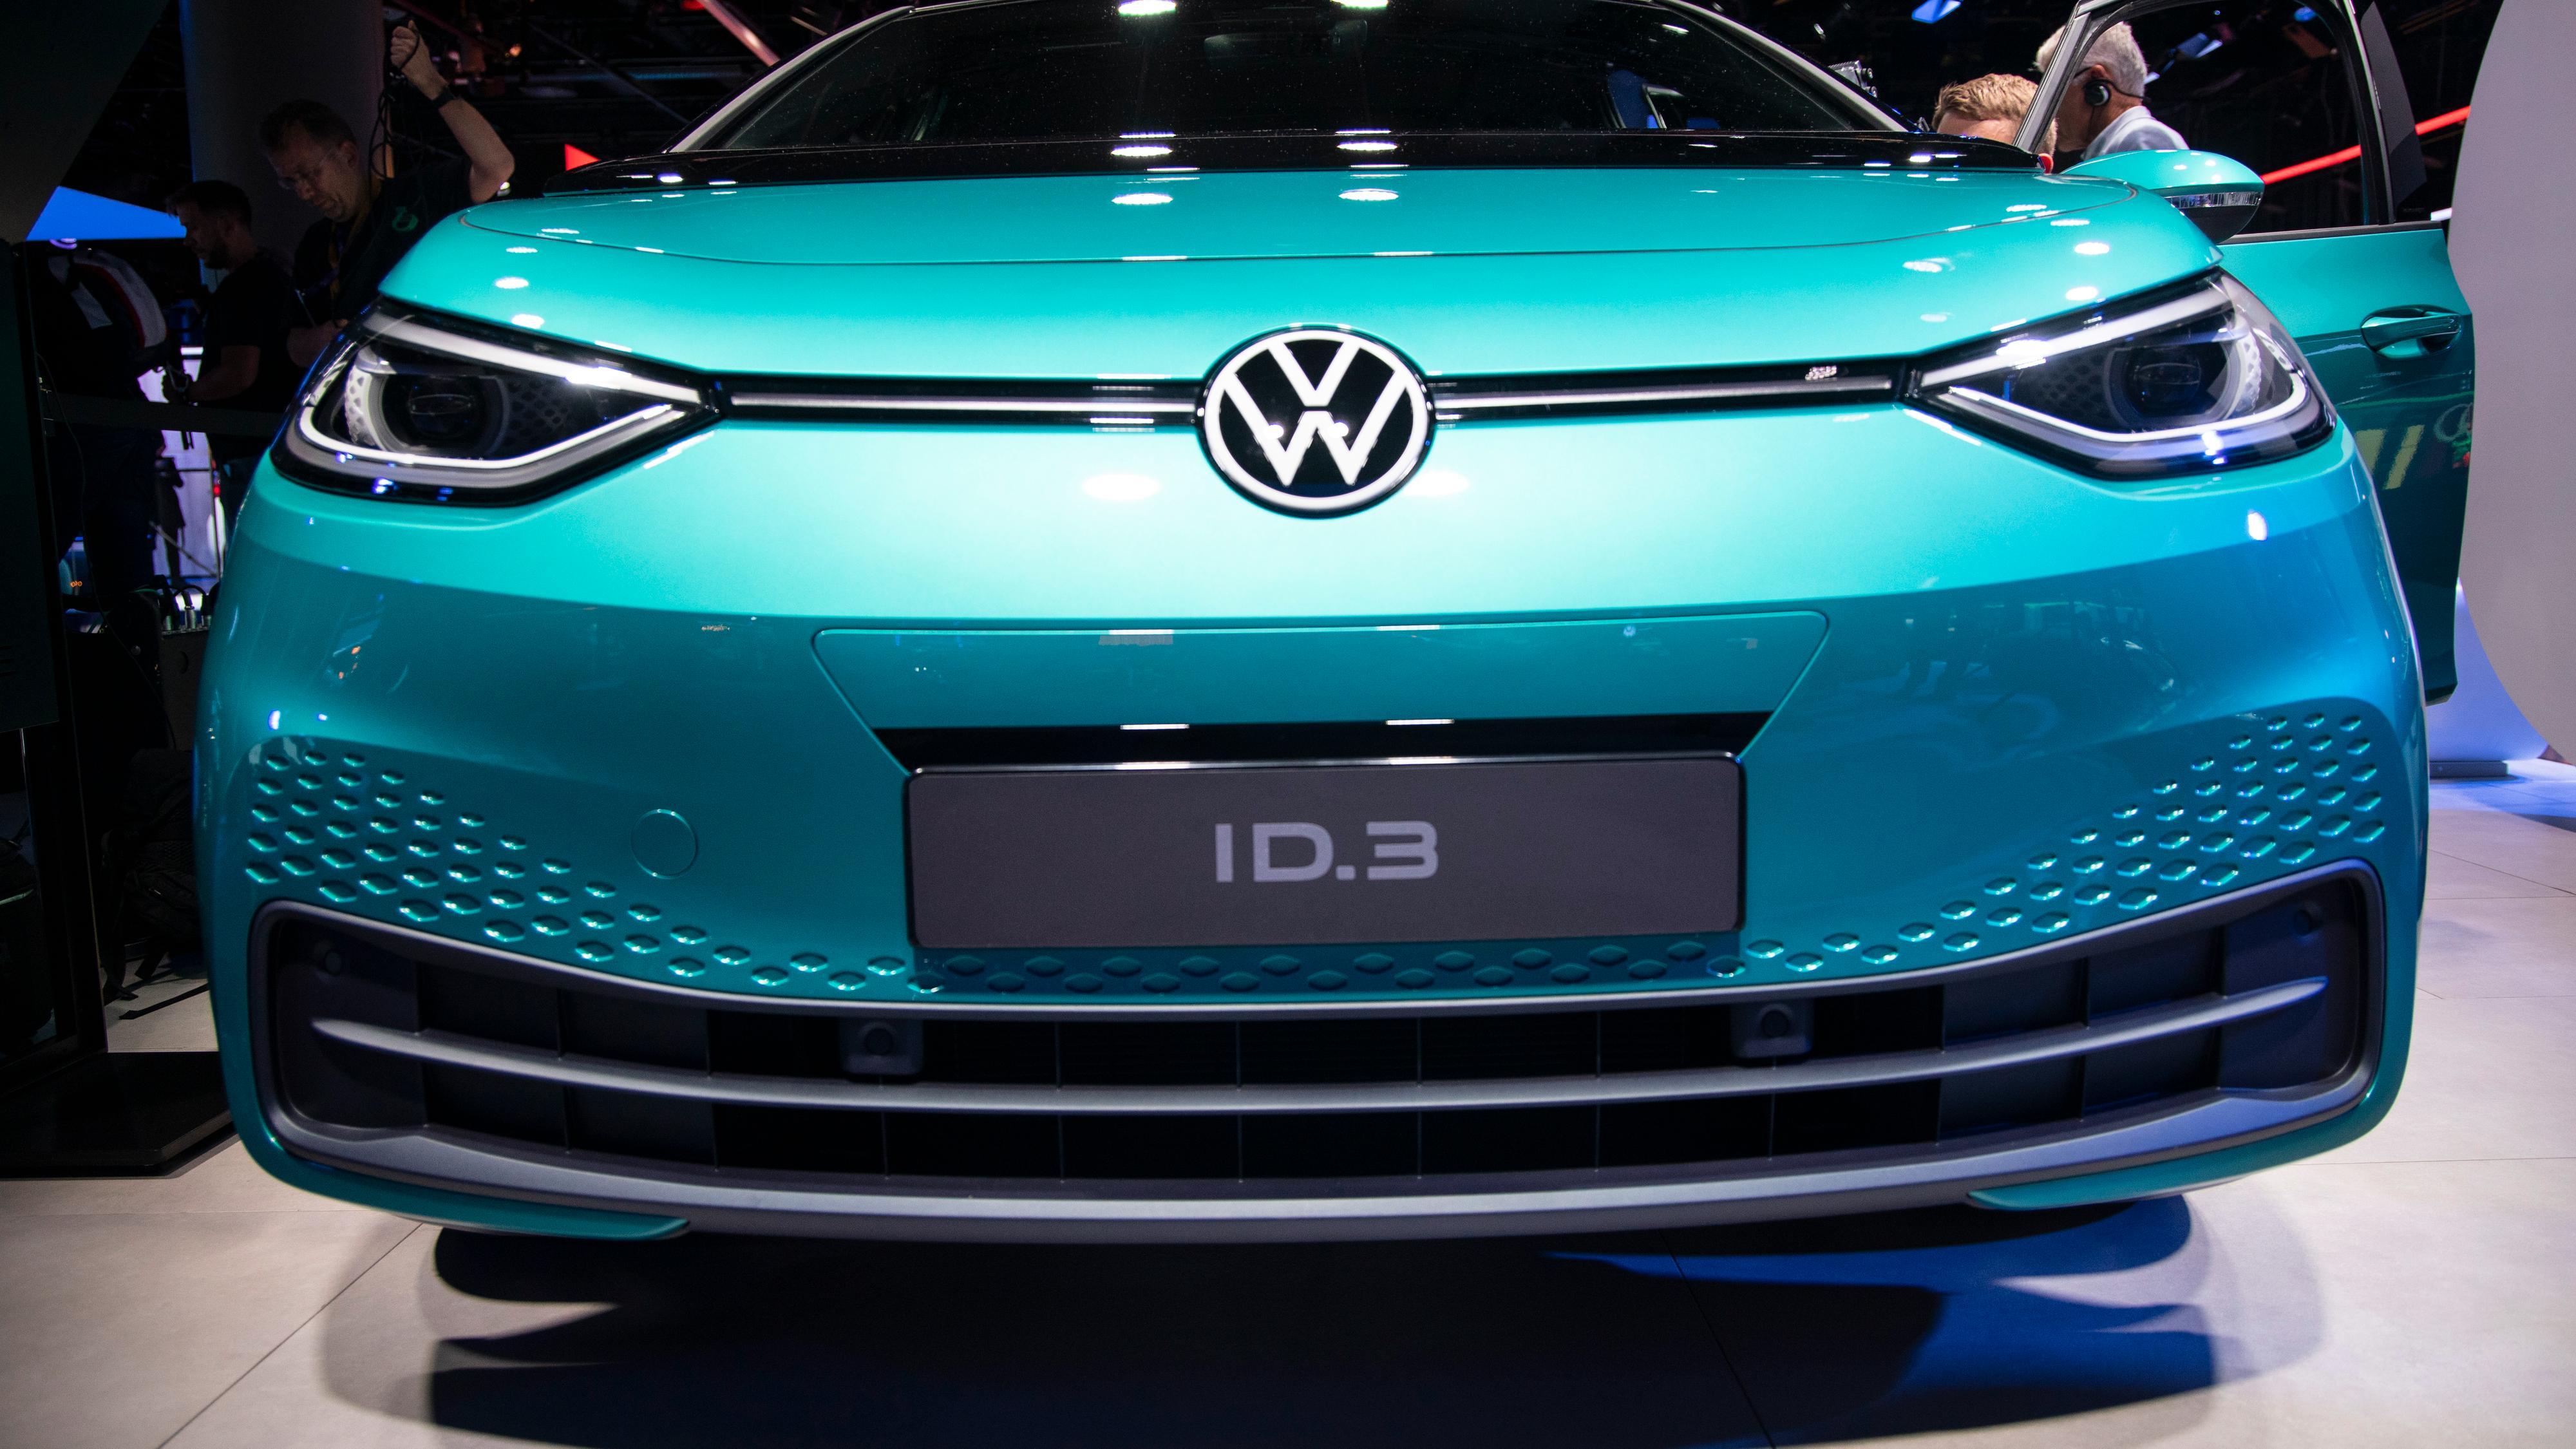 Volkswagen avduket mandag også sin nye merkeidentitet, som skal være mer leken og foroverlent enn før, og med «ny» logo. Alle elbilene vil få hvit logo fremover.